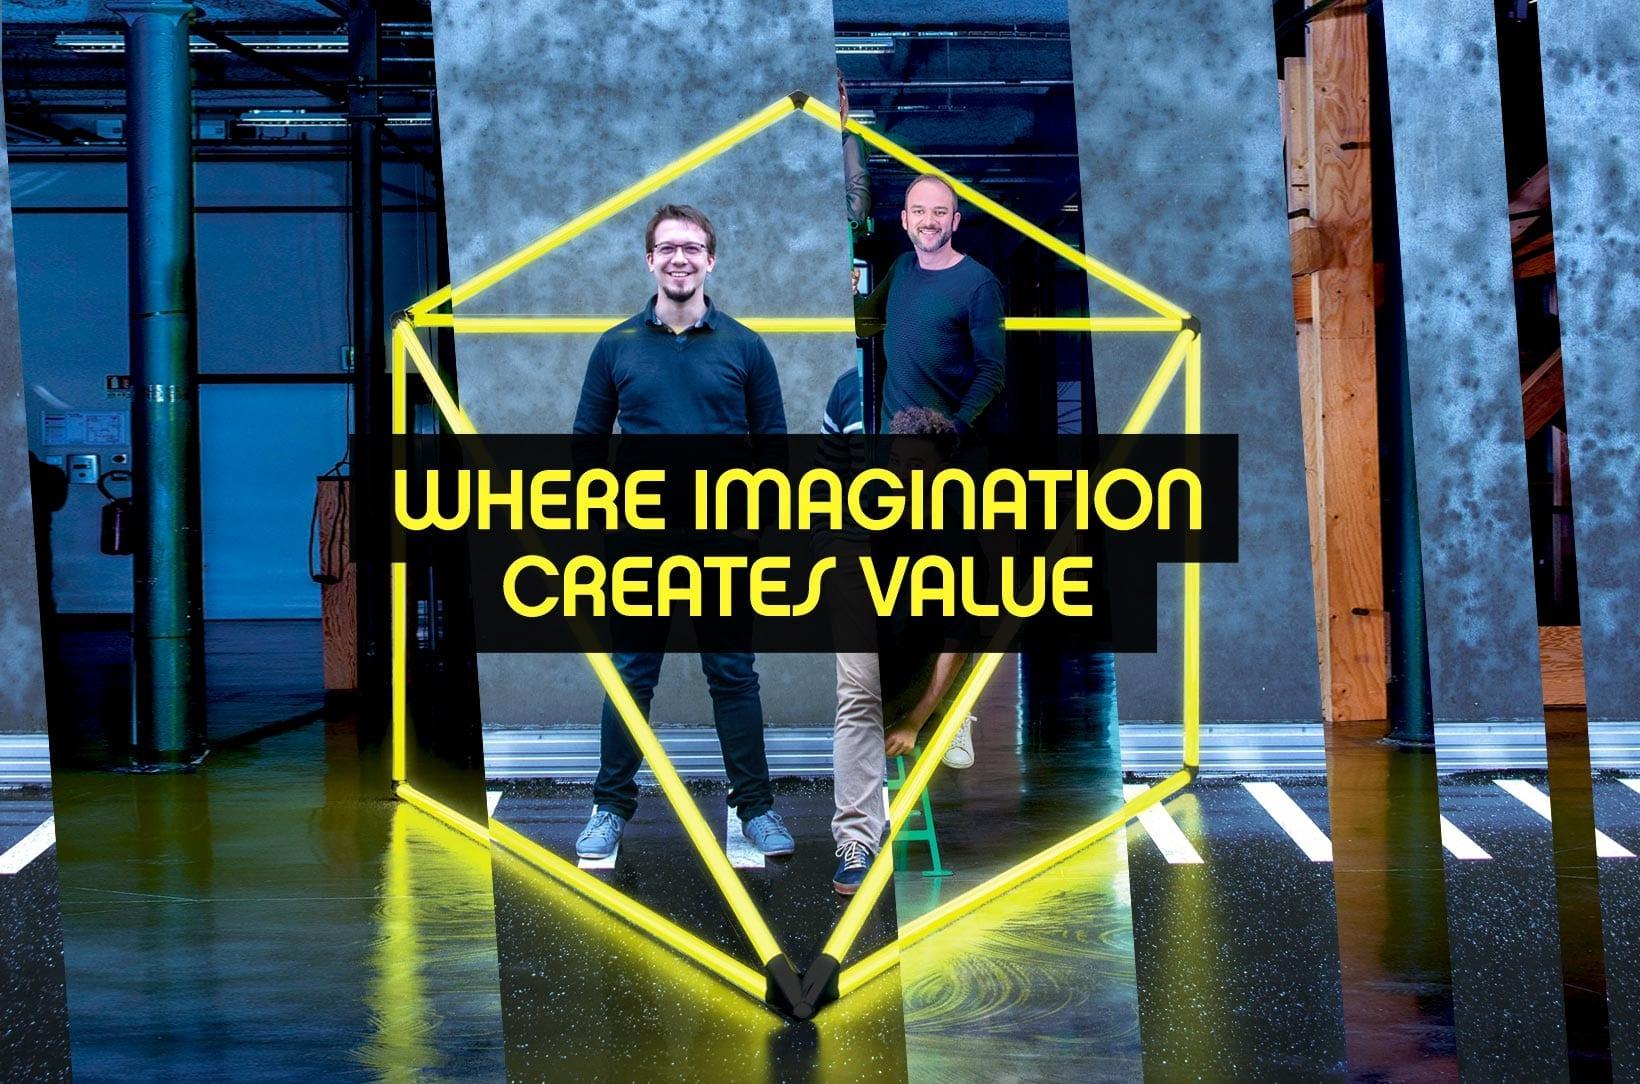 Le site d'excellence dédié aux industries créatives